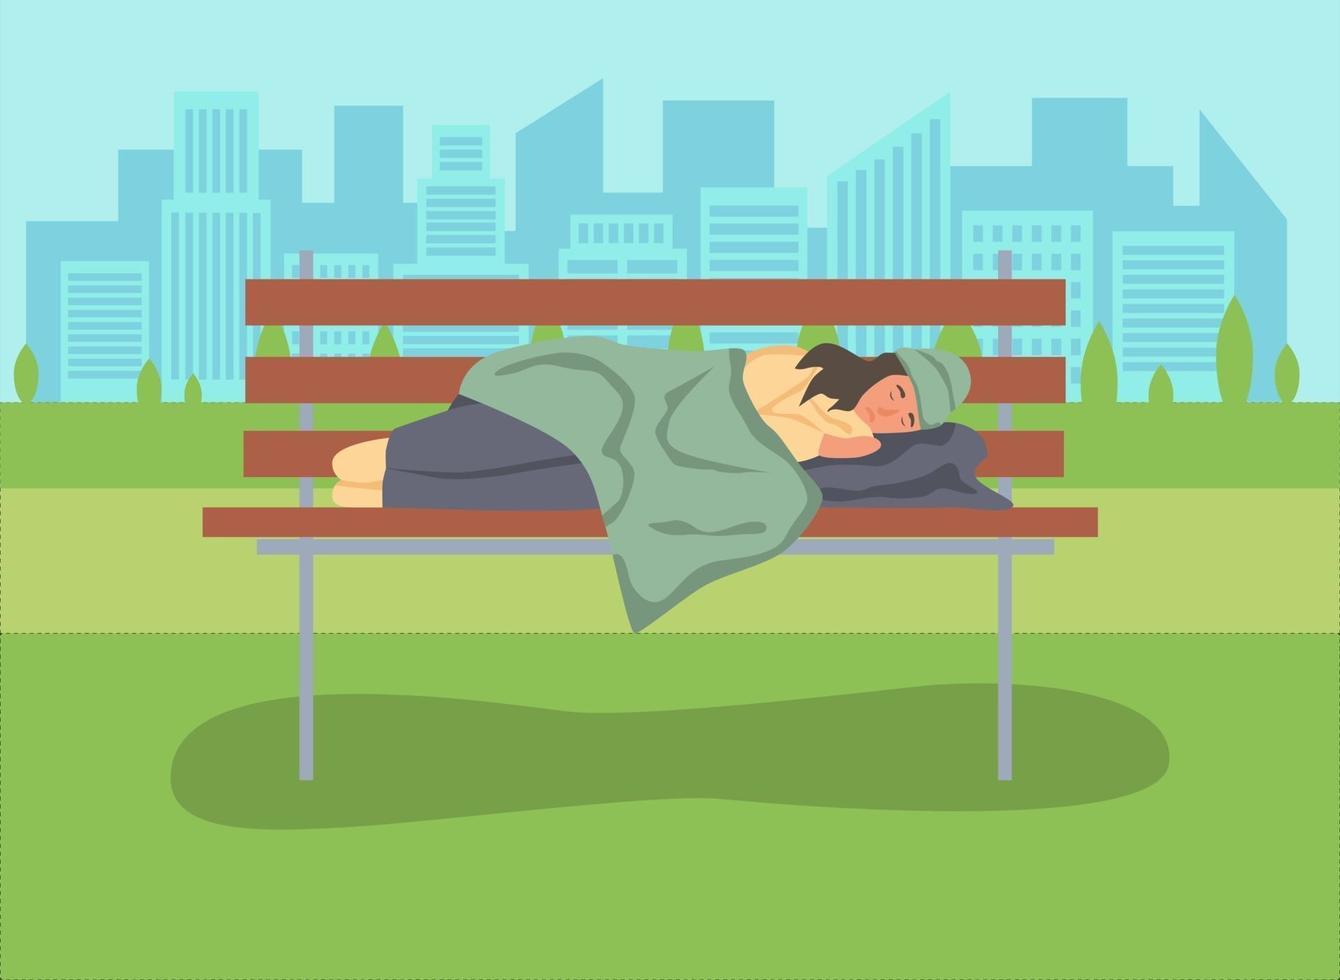 mulher sem-teto dormindo em um banco de parque vetor